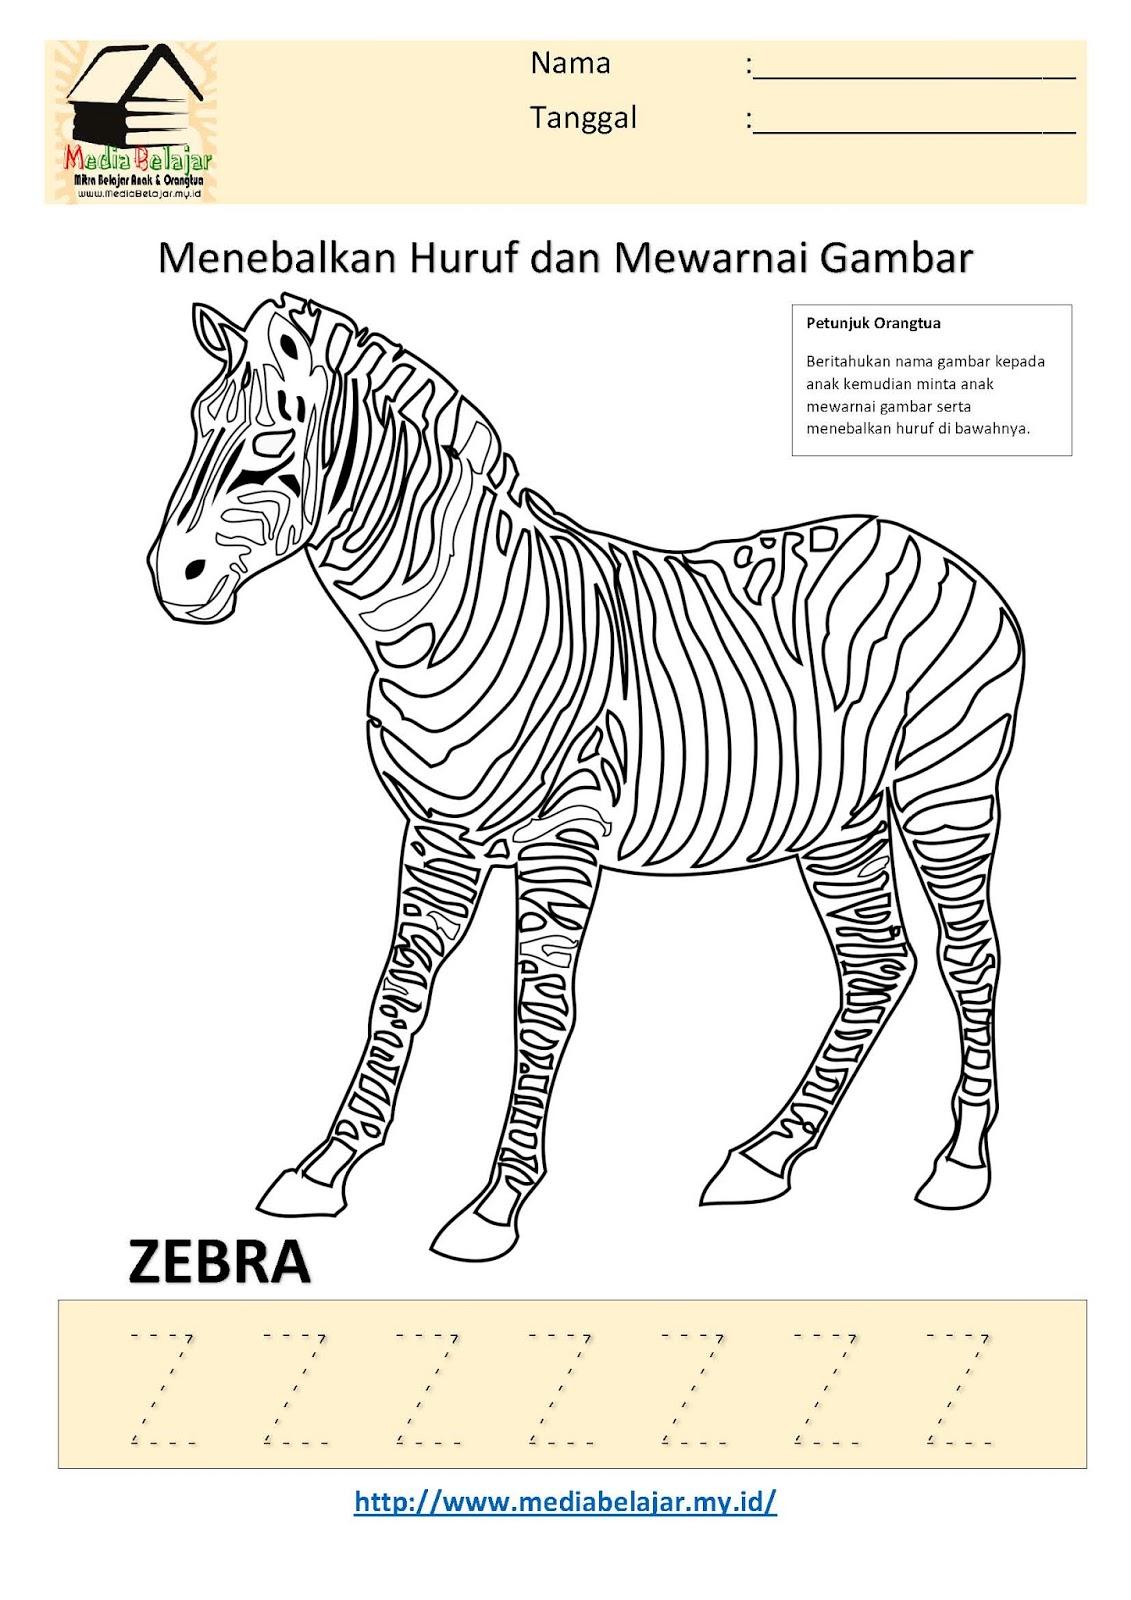 Menebalkan Huruf Z dan Mewarnai Gambar Zebra